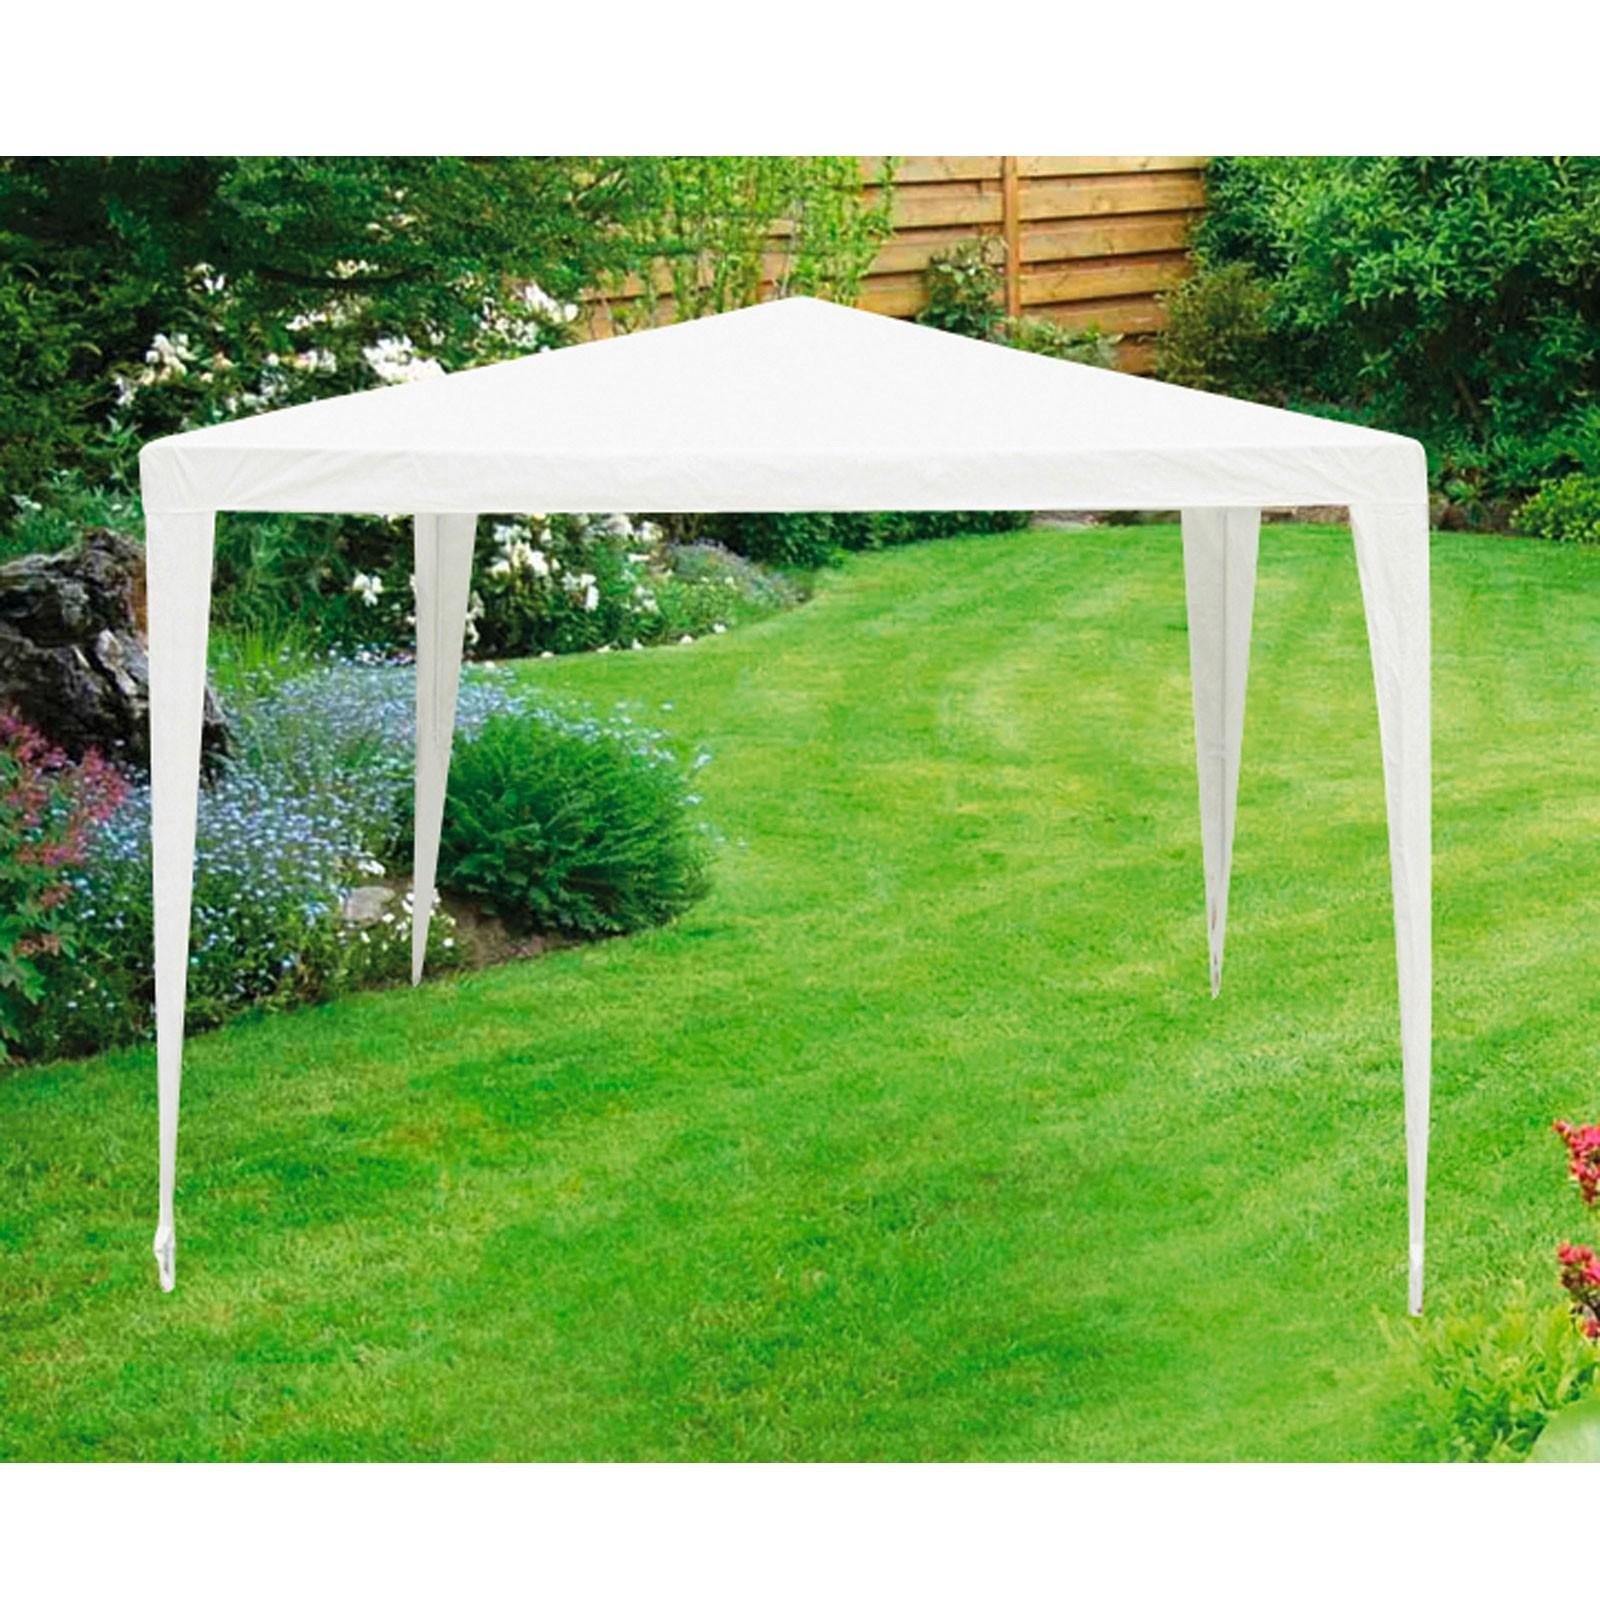 Dema Pavillon Gartenpavillon 2.90 x 2.90 x 2.45 m weiß 41186